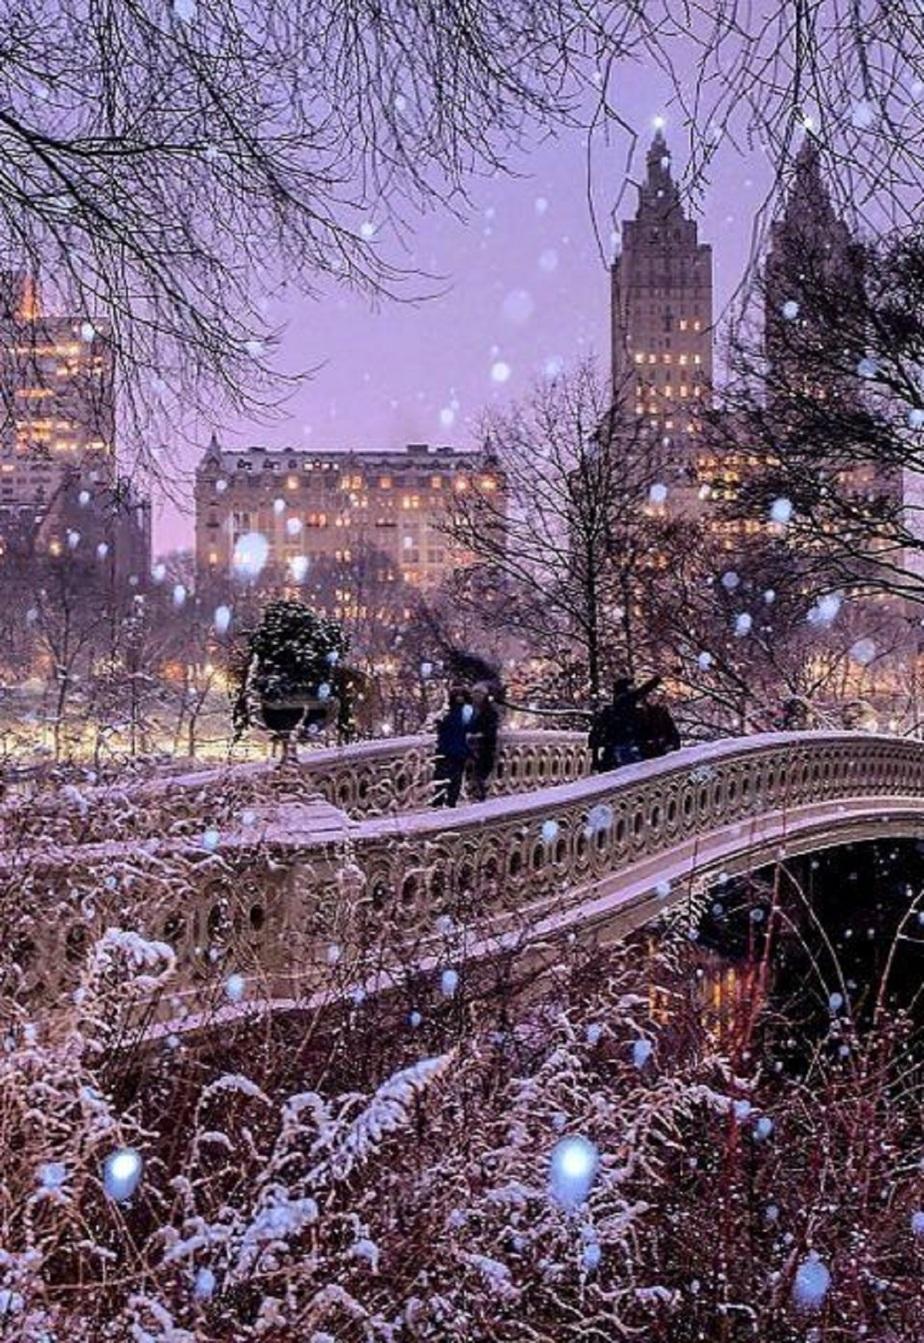 severelymagicalthings.com/snow-city-magic/